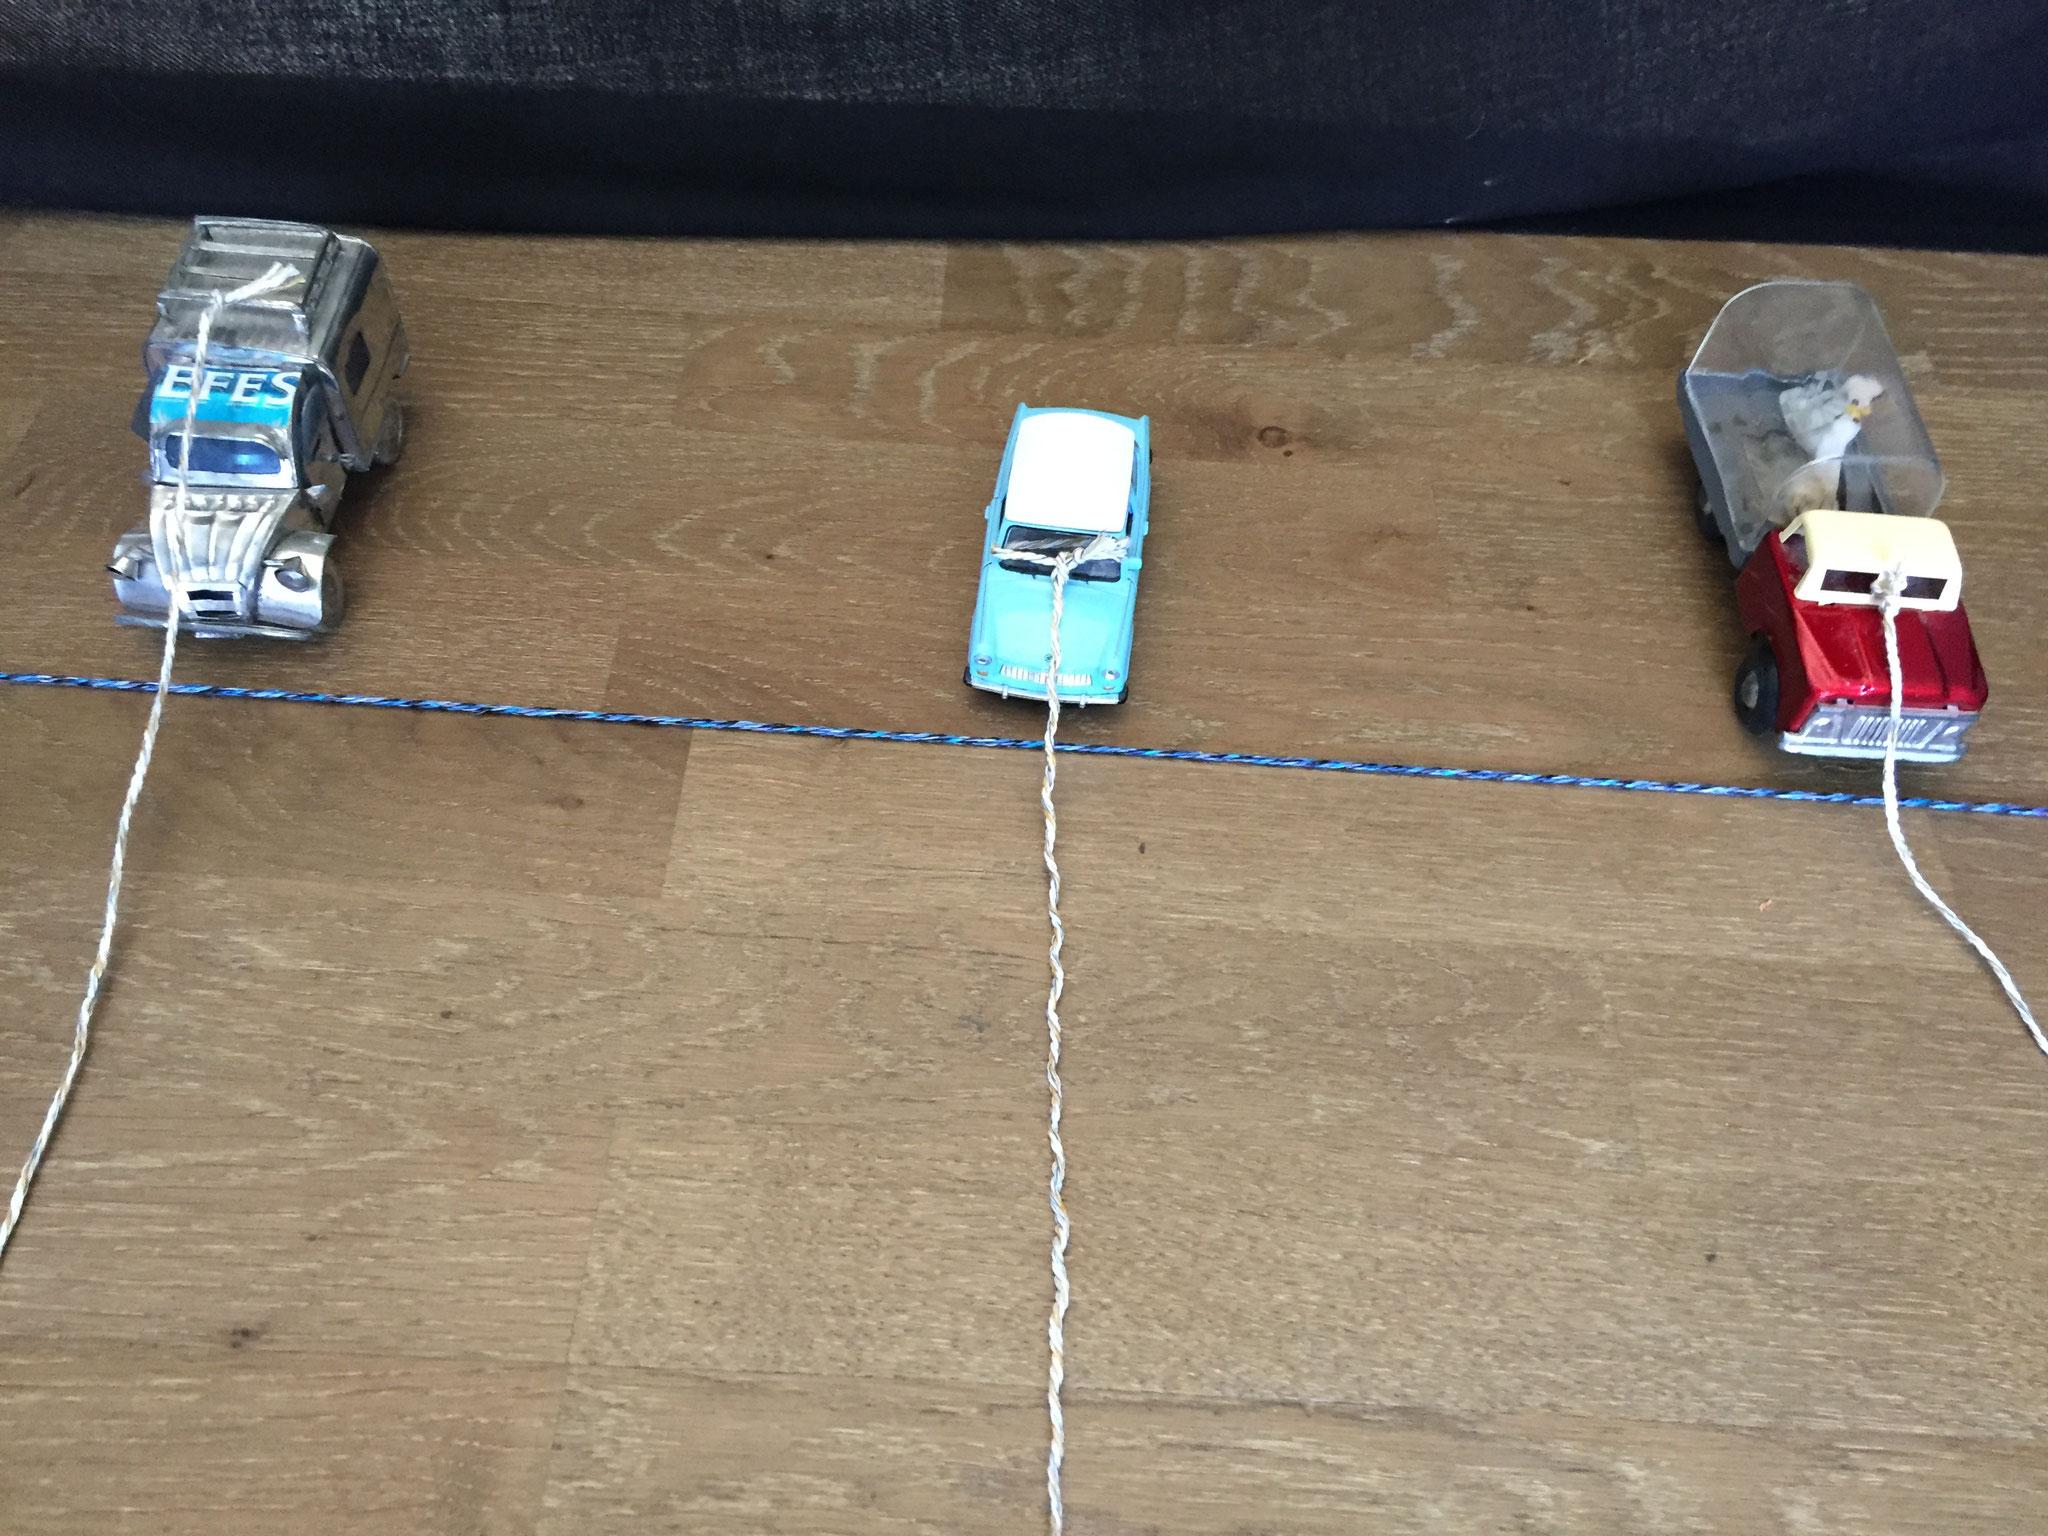 Alle stellen ihr Auto an den Start. Die Schnüre liegen auf dem Boden. Alle stehen hinter der Ziel Linie. Sie halten die WC Rolle in der Hand.